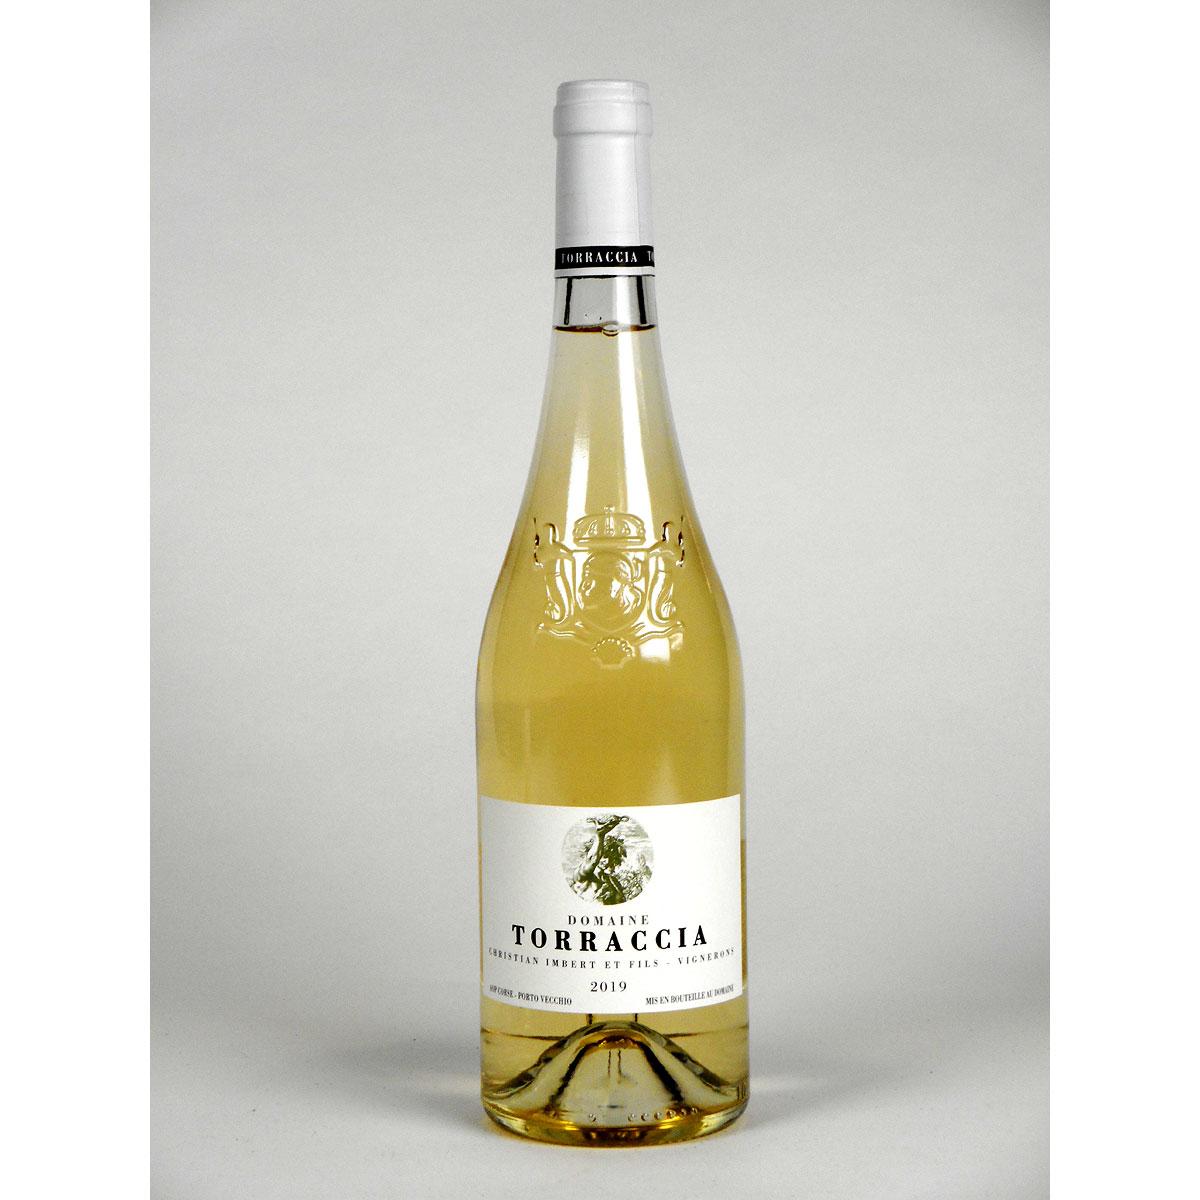 Vin de Corse Porto Vecchio: Domaine de Torraccia Blanc 2019 - Bottle